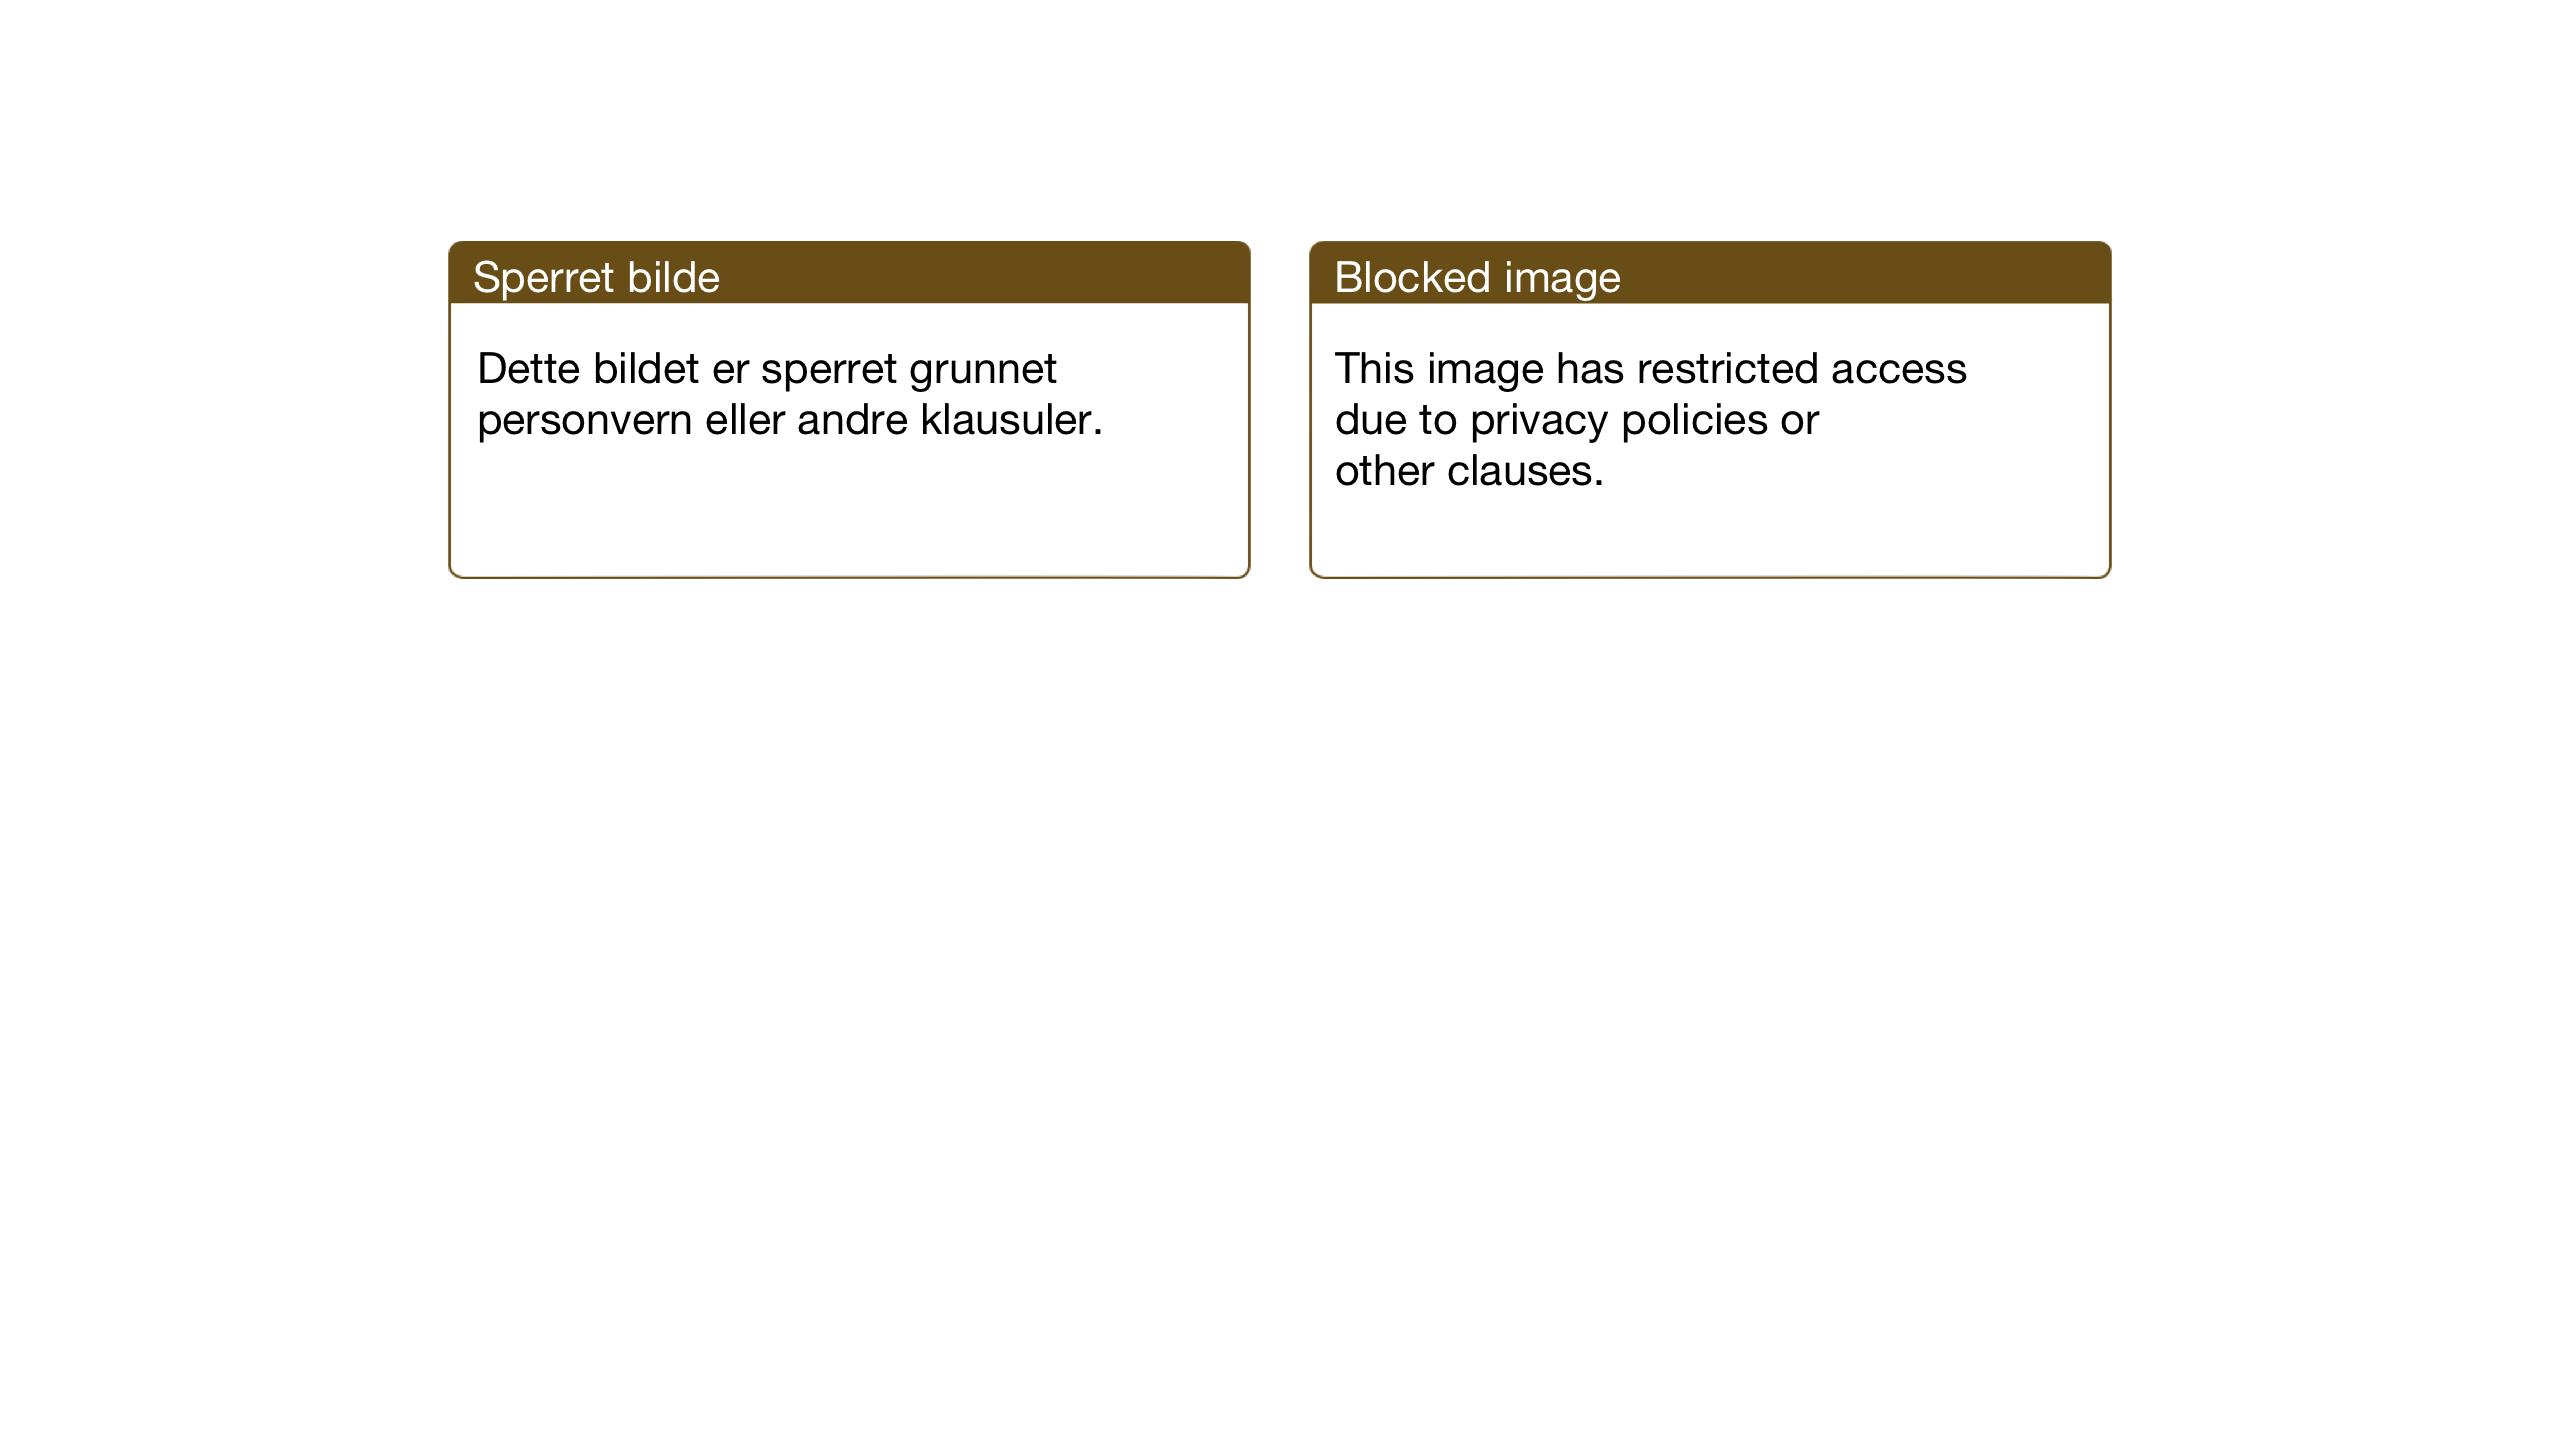 SAT, Ministerialprotokoller, klokkerbøker og fødselsregistre - Nord-Trøndelag, 755/L0500: Klokkerbok nr. 755C01, 1920-1962, s. 188